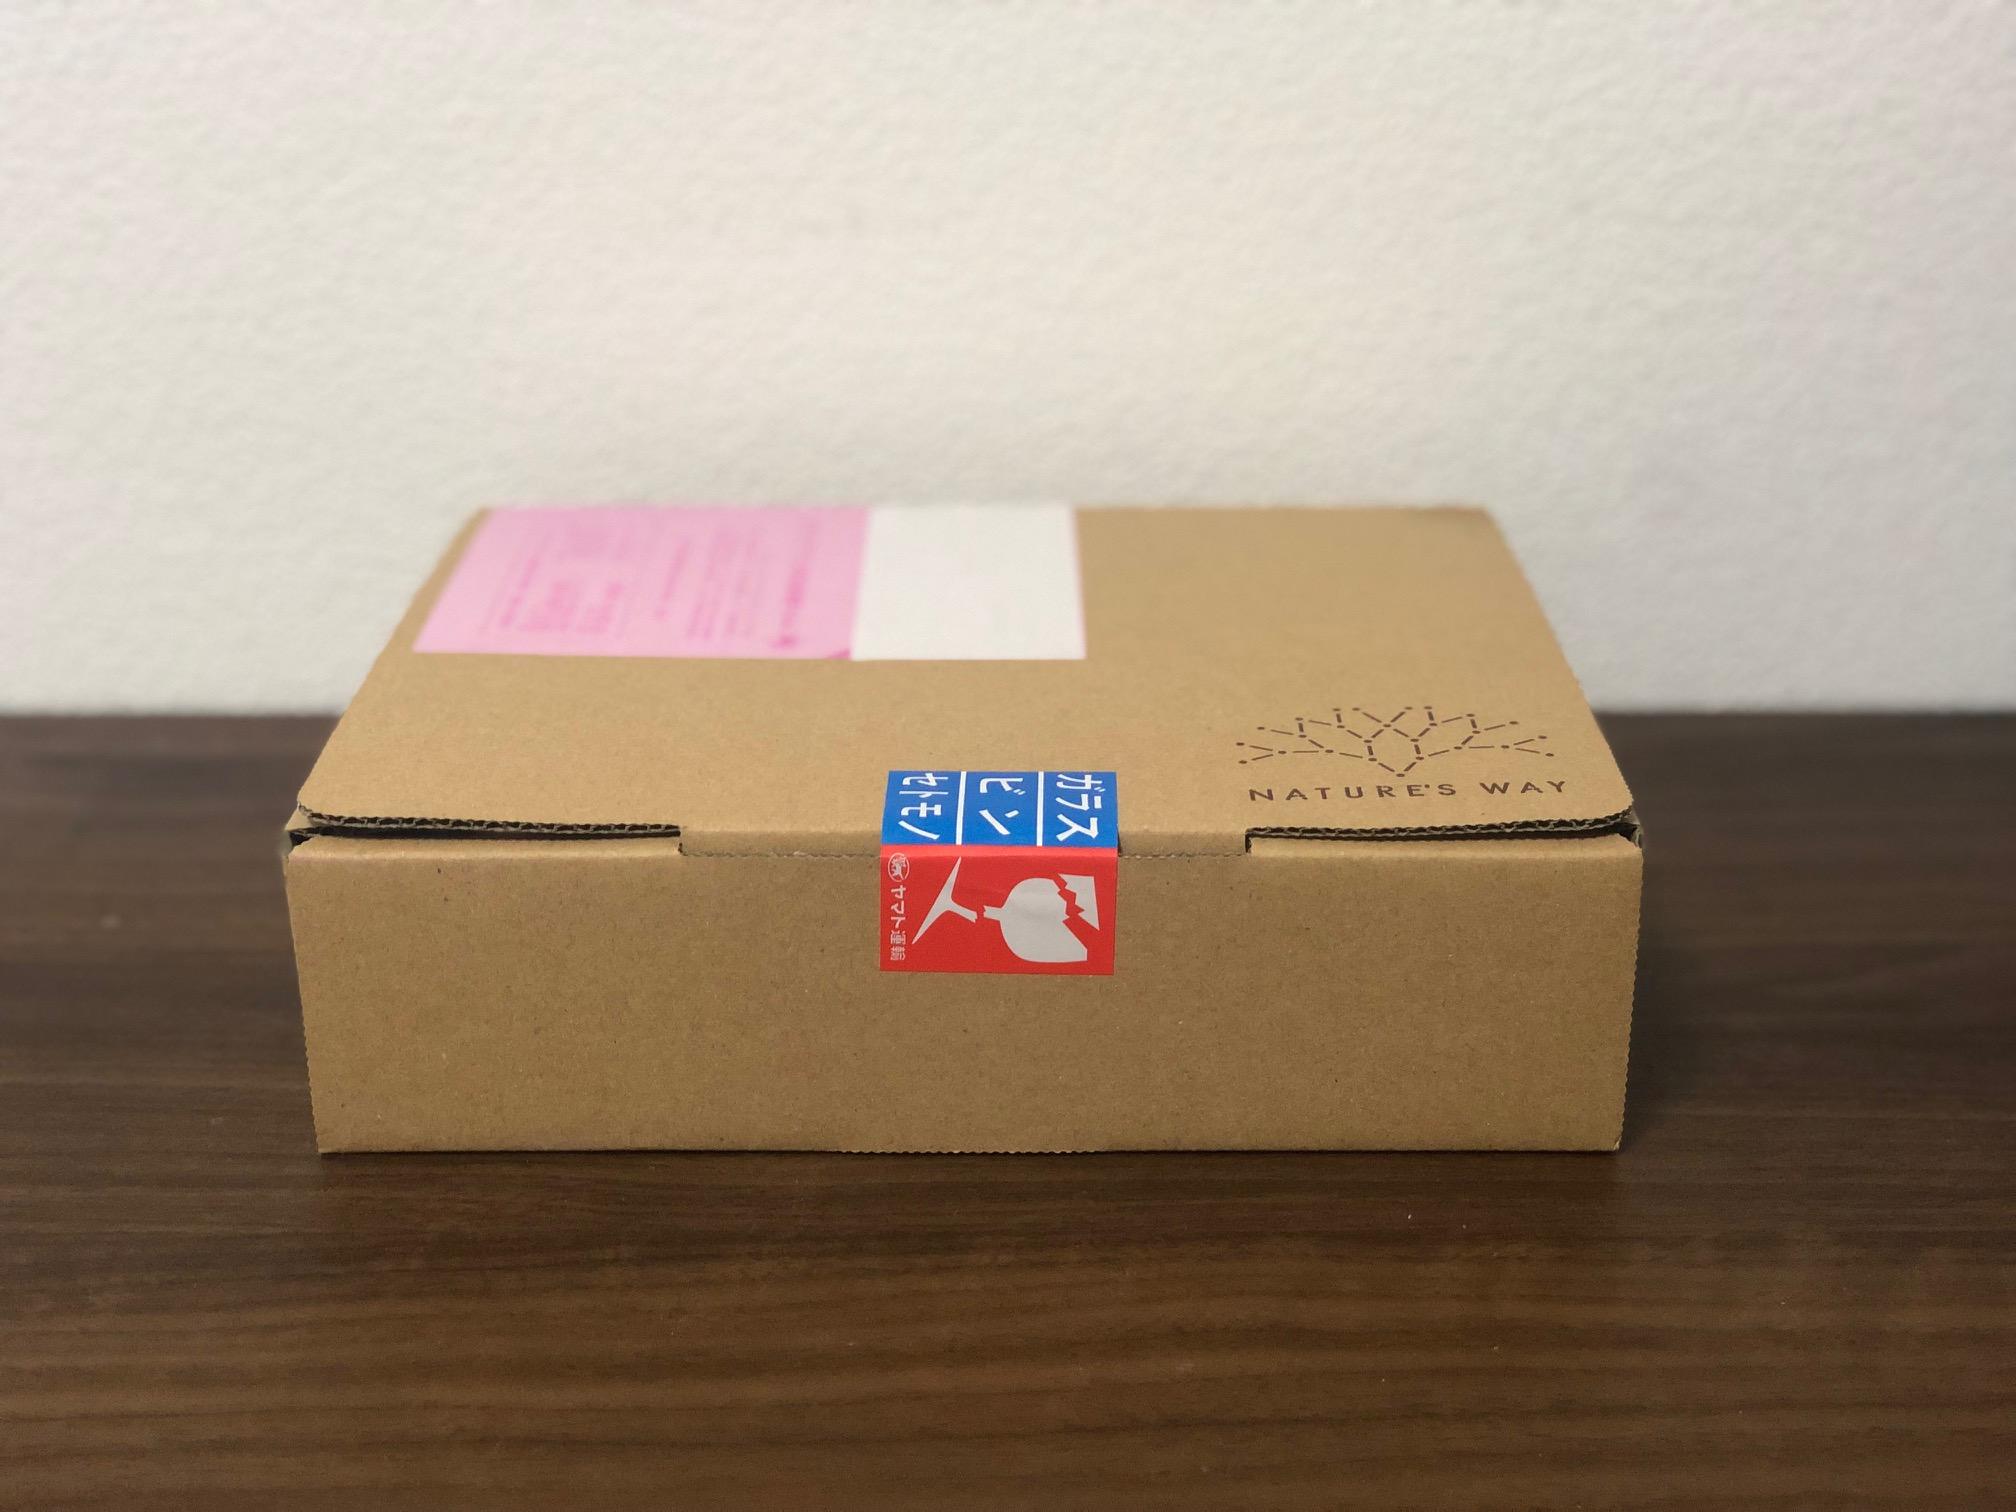 商品入りの箱